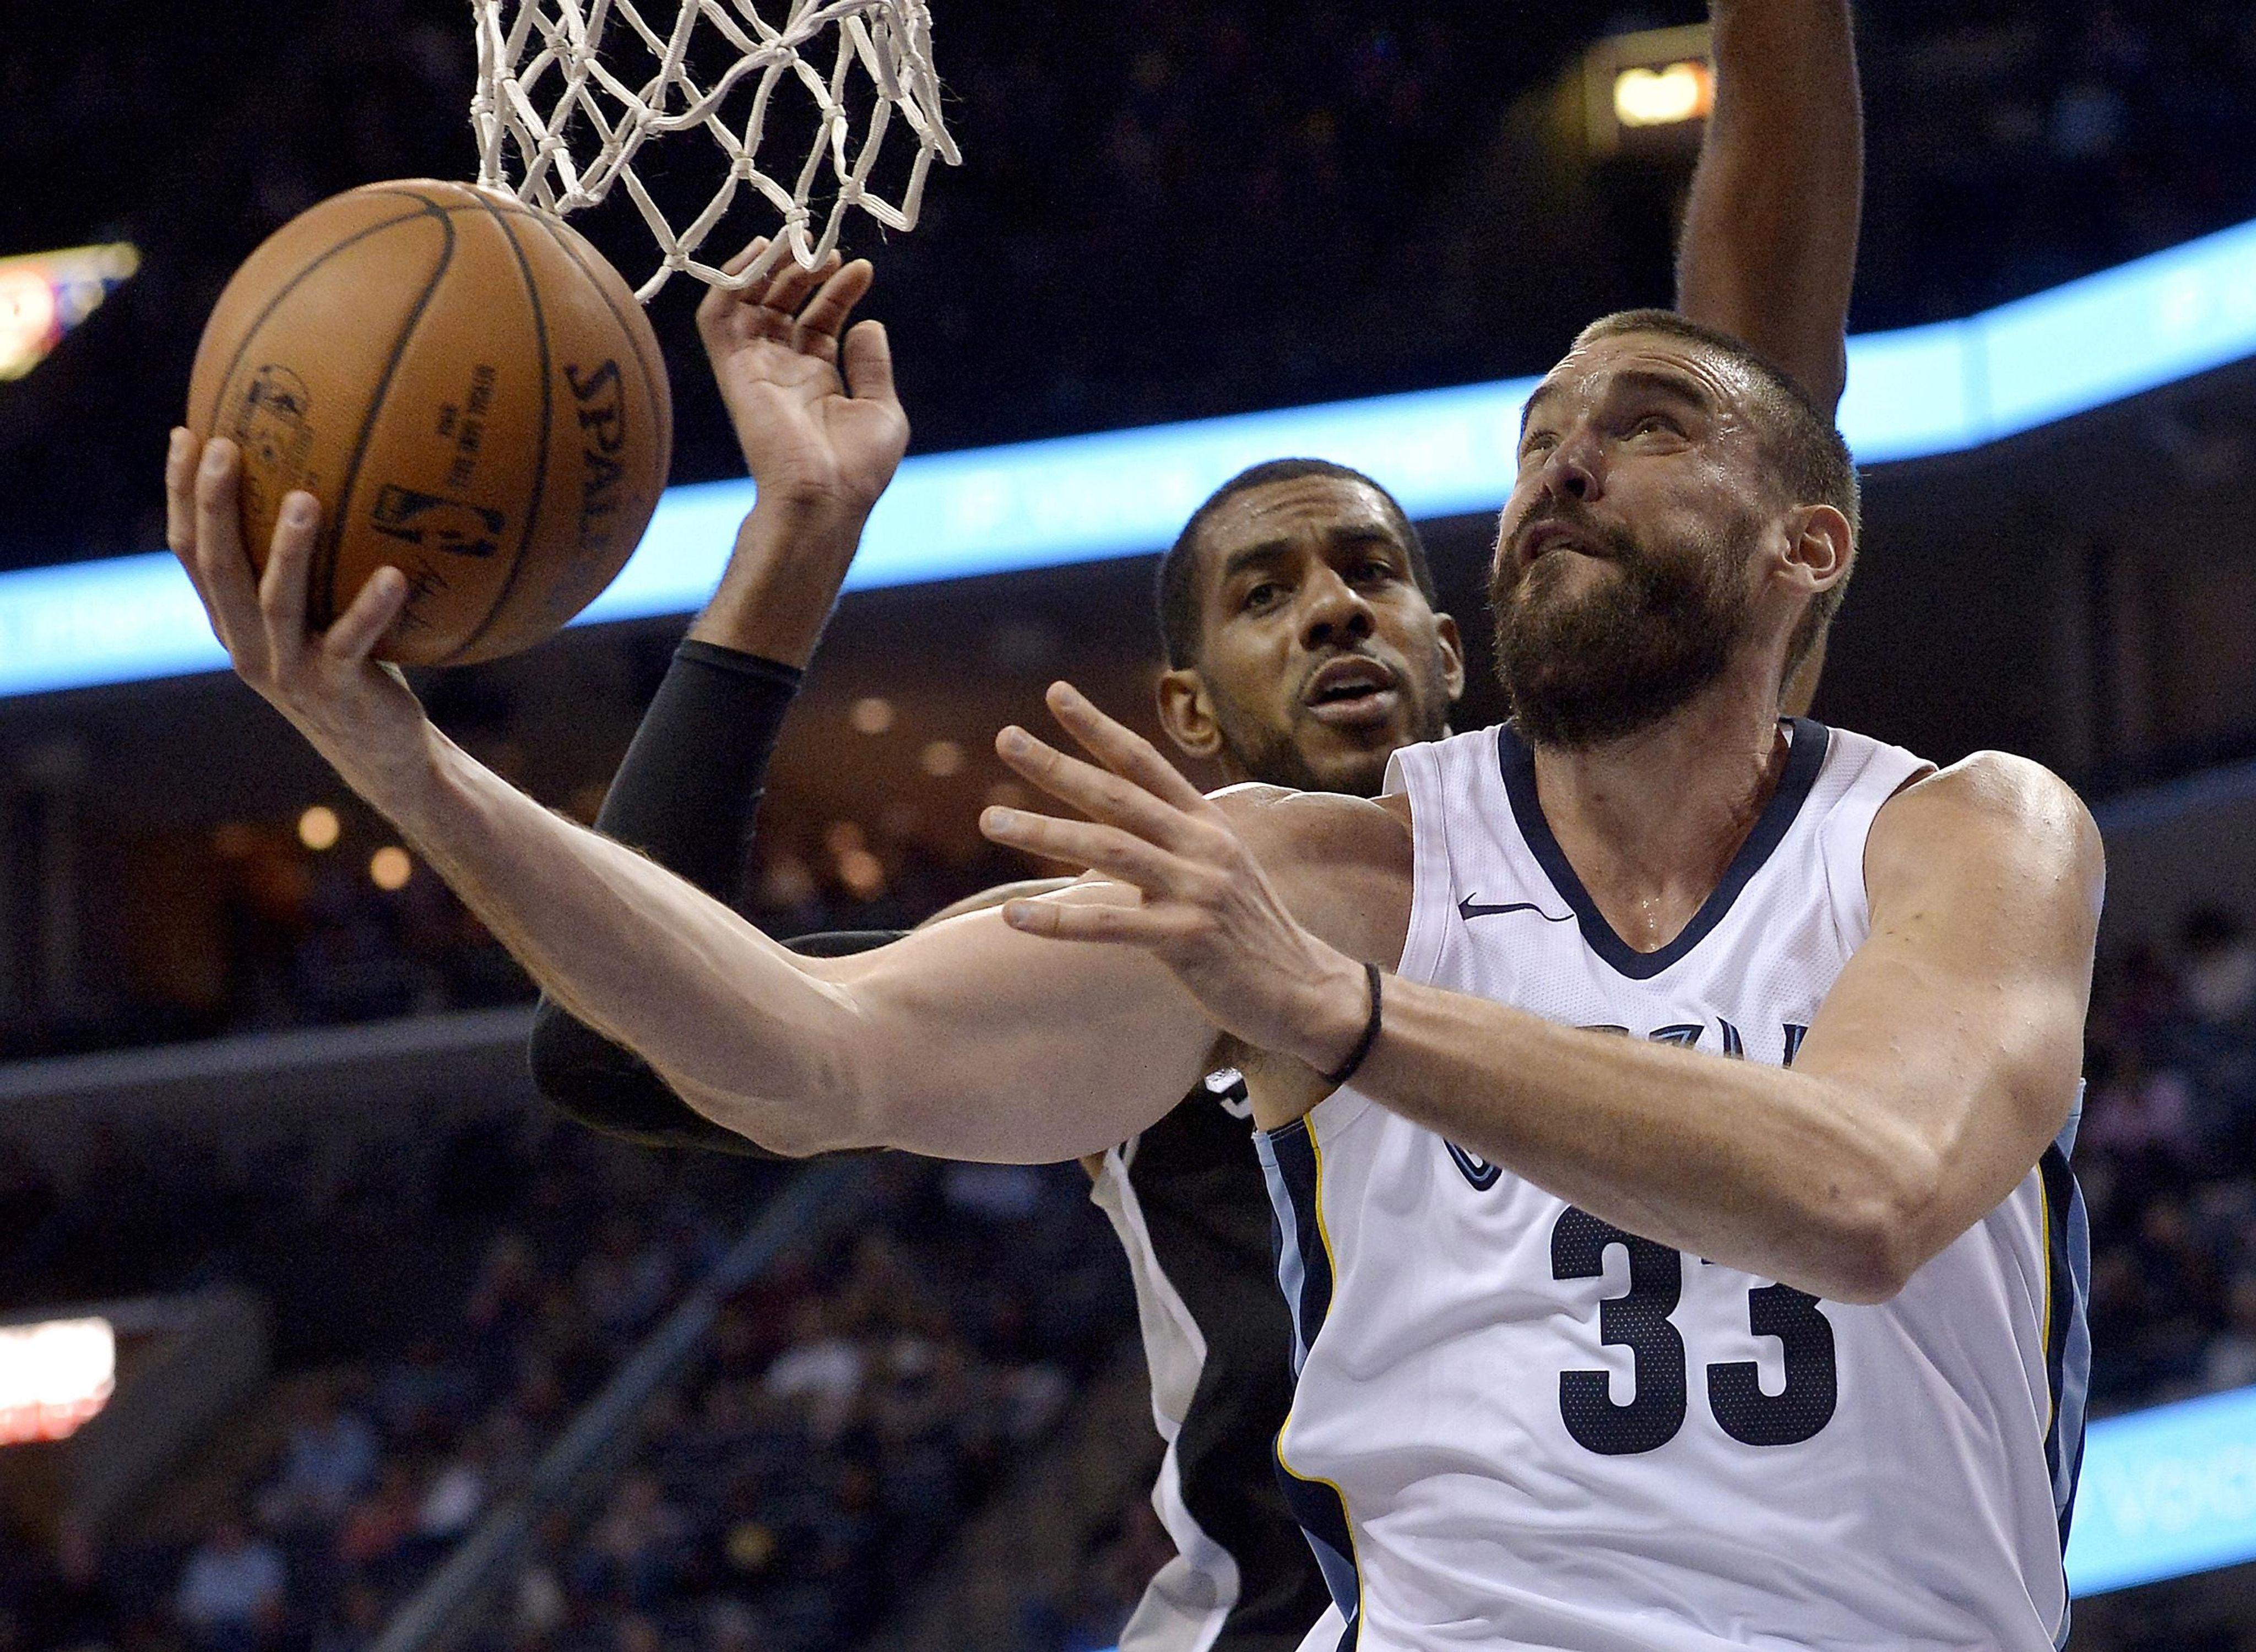 Spurs_grizzlies_basketball_40412_s4096x2999